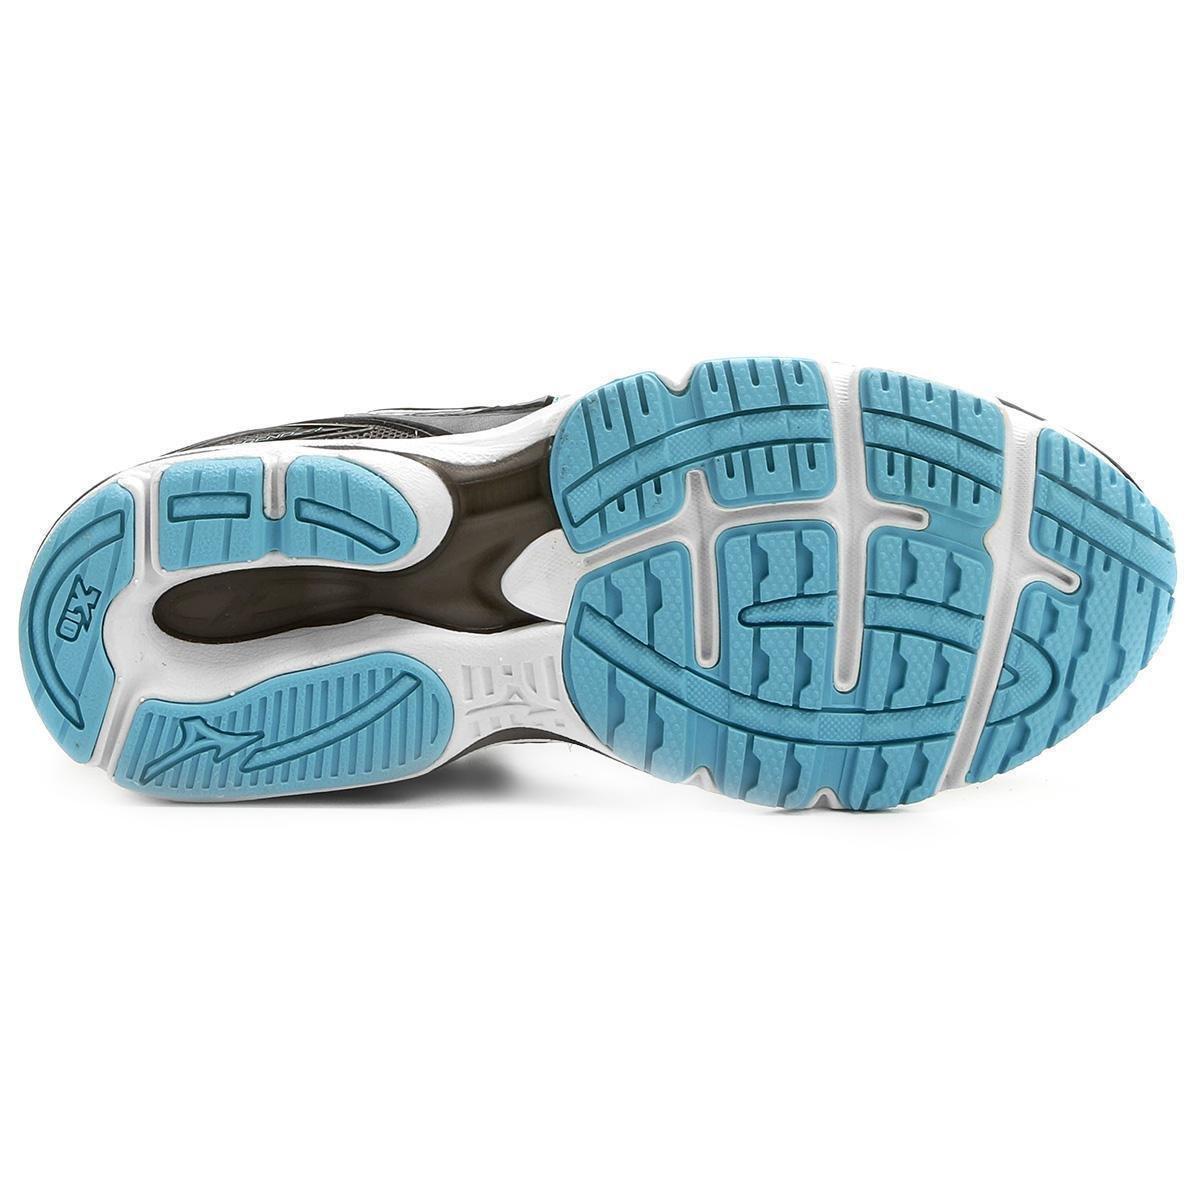 Tênis Mizuno Wave Legend 4 P Feminino - Preto e Azul - Compre Agora ... 24063a10cd928